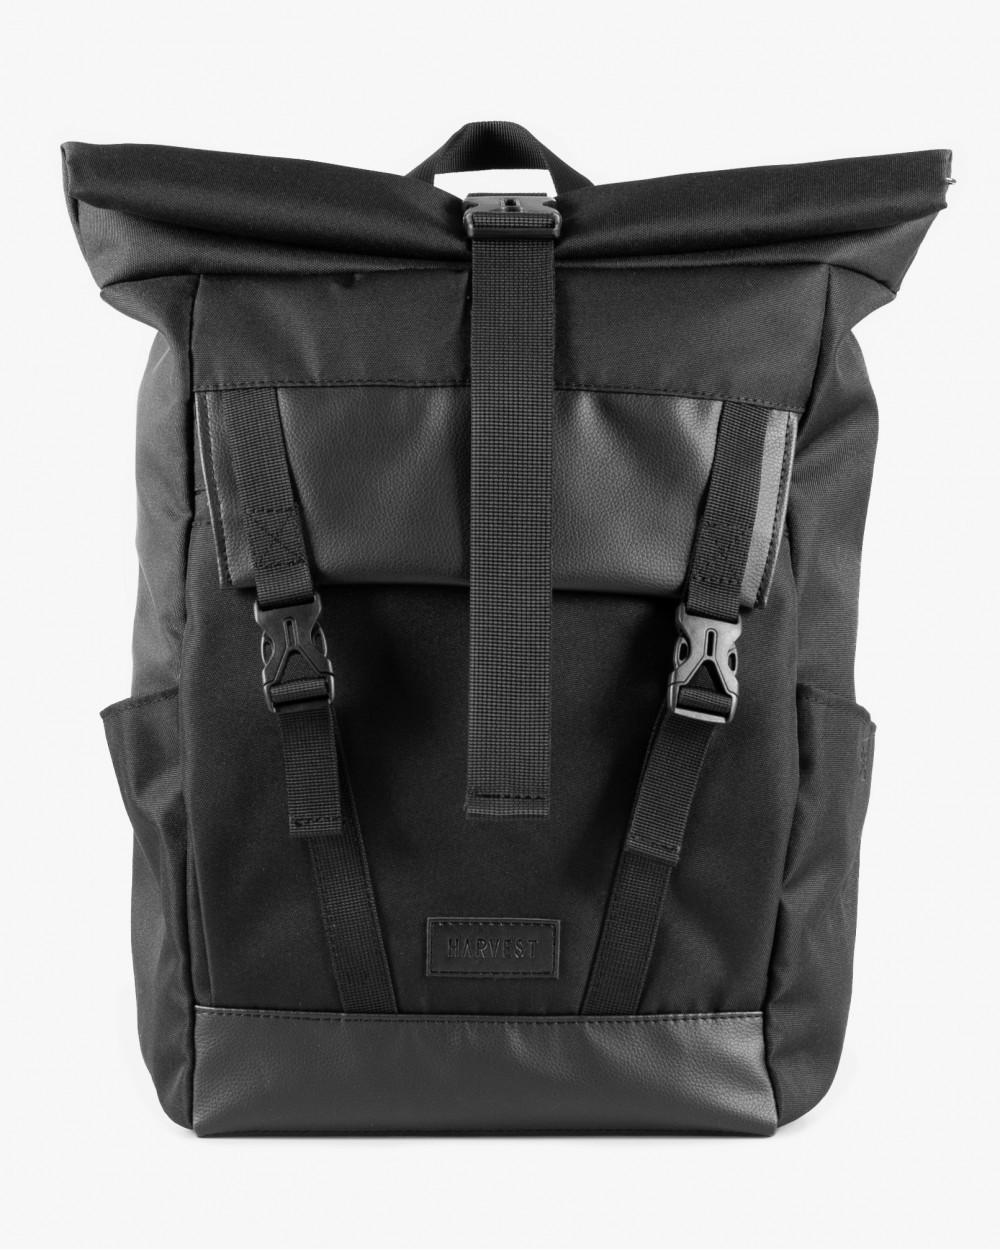 Міський рюкзак чорний HARVEST Wide1 BLACK роллтоп туристичний 42x30x14 см. 29 л. поліестр екошкіра